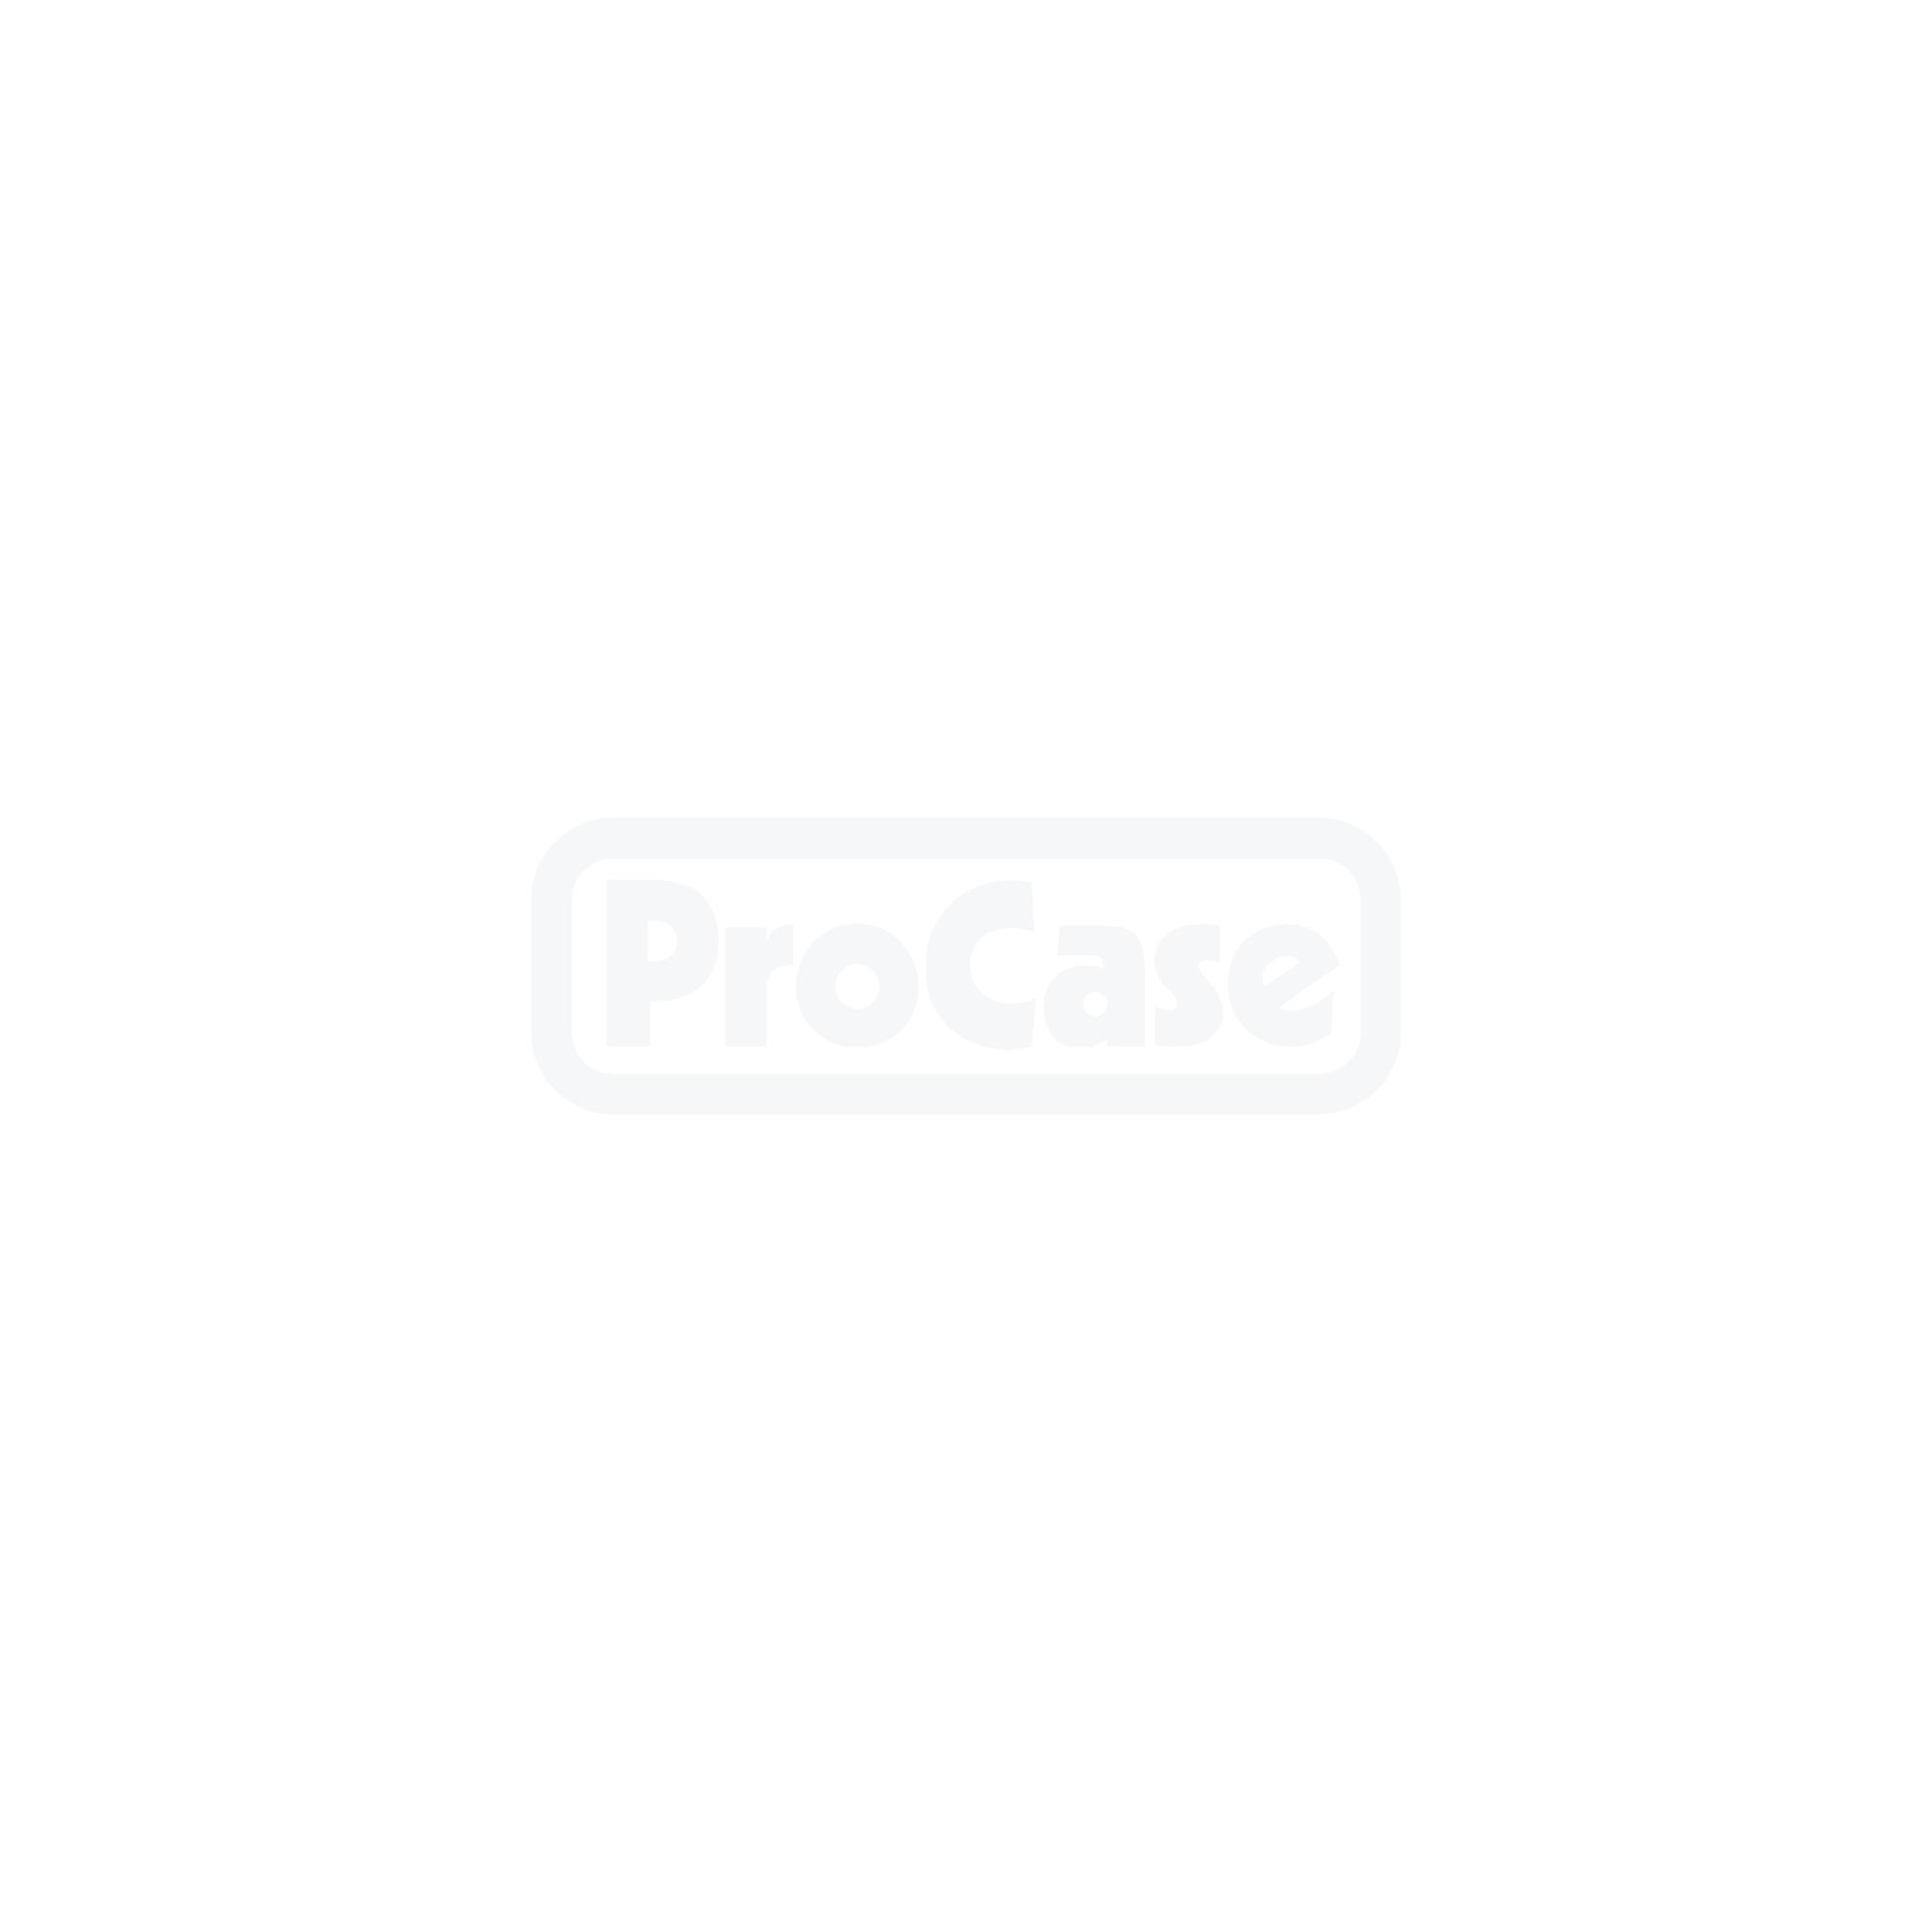 QSD-Rack 10HE 600 mm tief 2